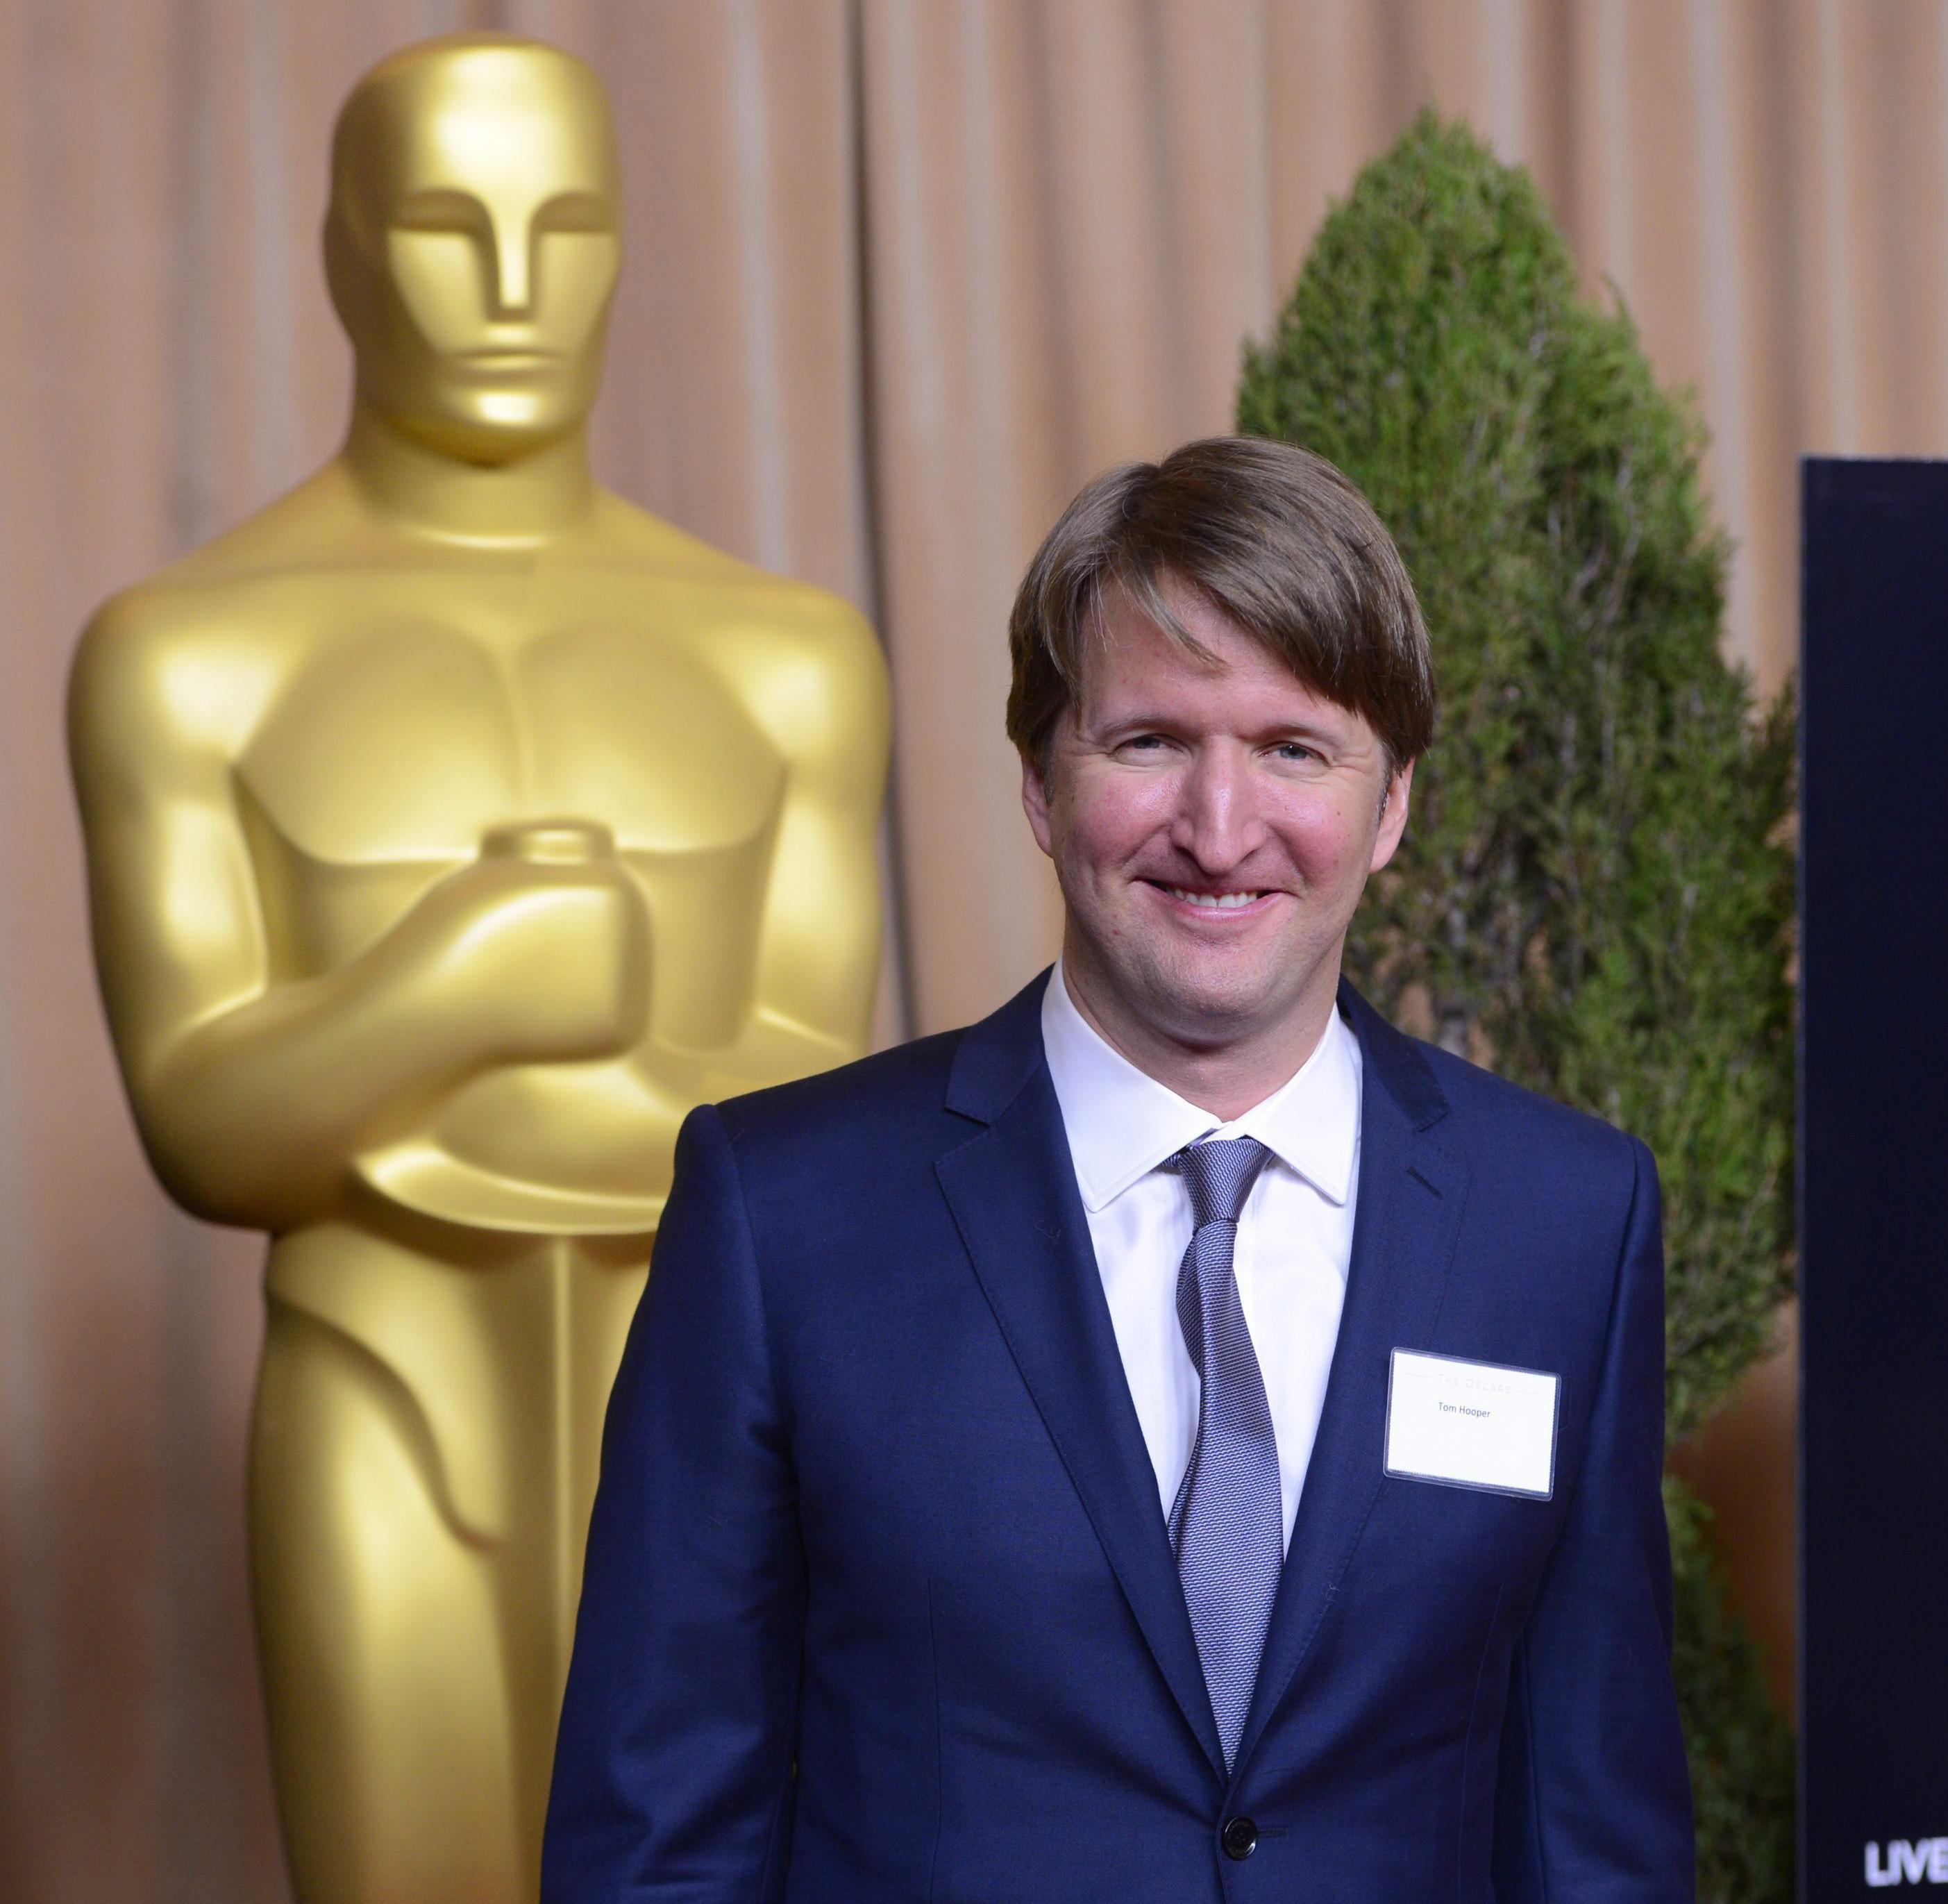 El director británico Tom Hooper presidirá el Festival de Cine de Shanghái